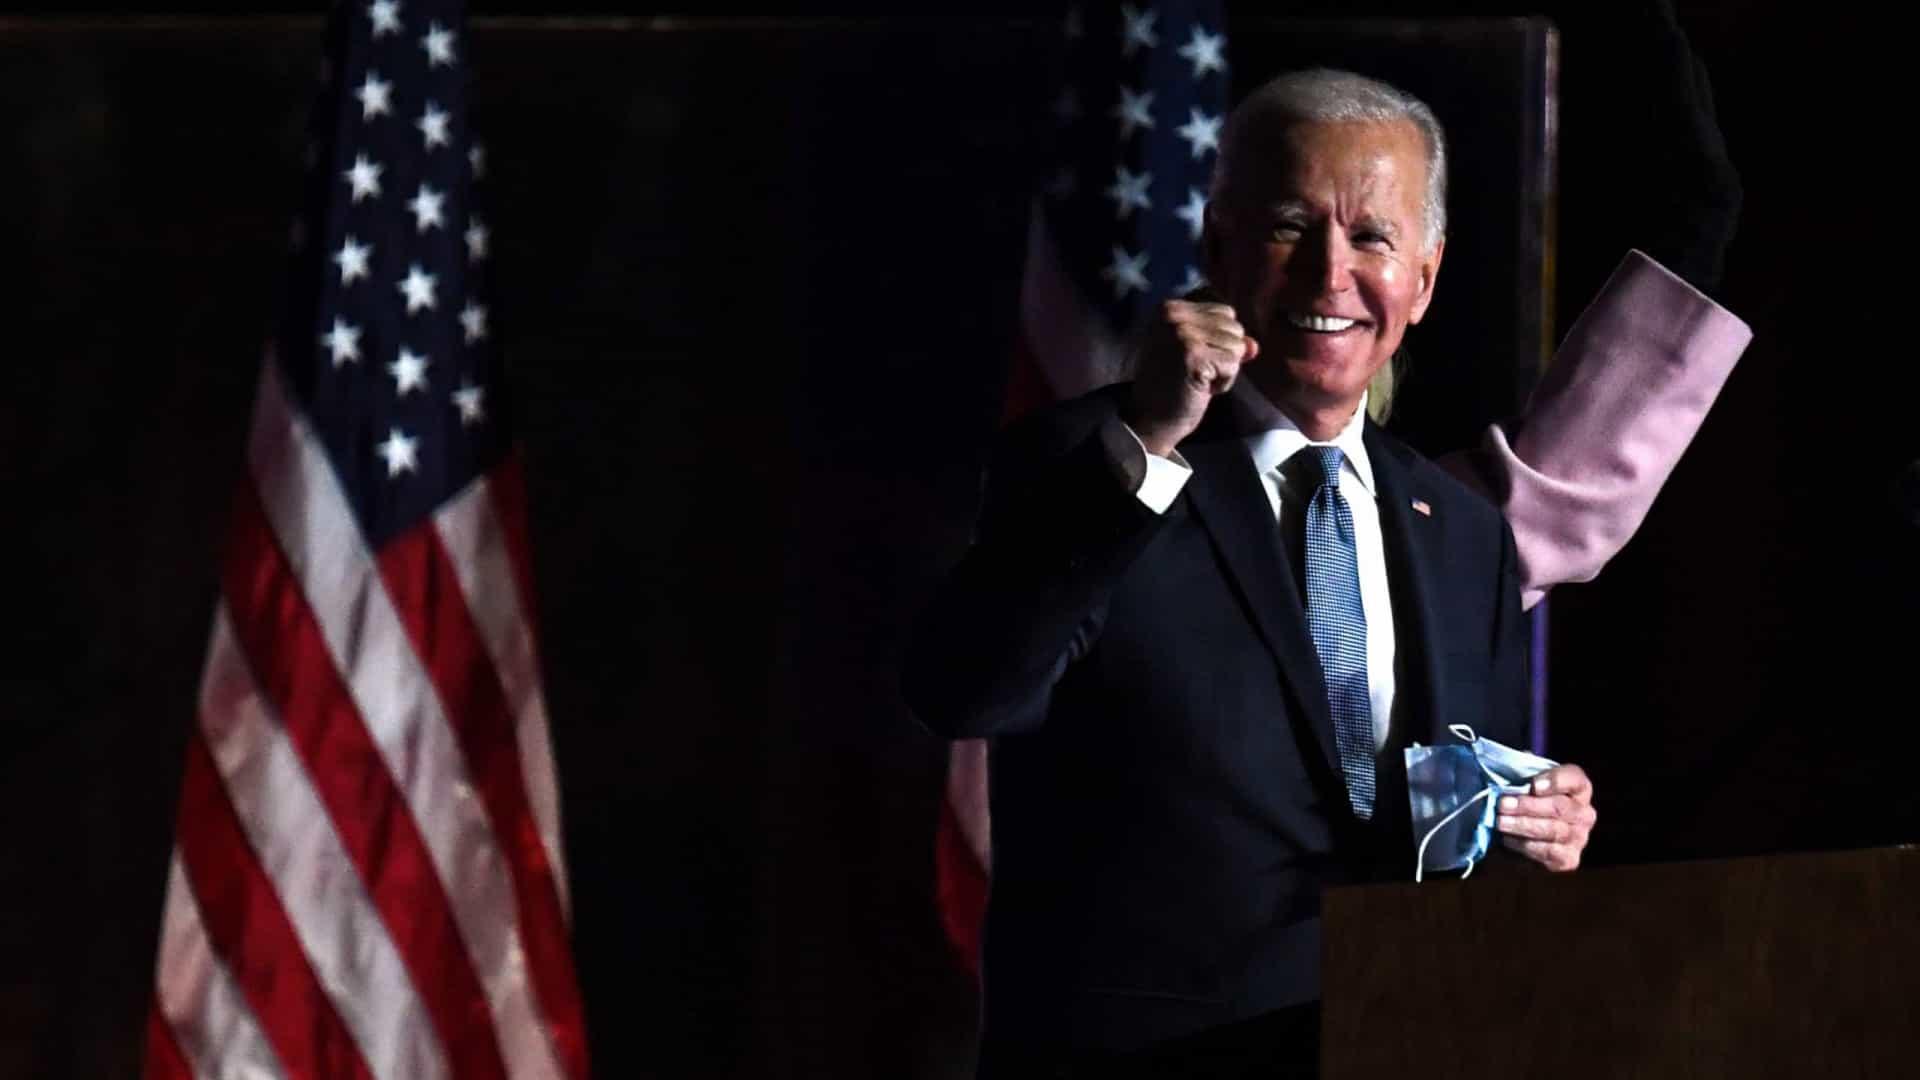 naom 5faaa97981c34 - Entenda os passos para que Biden seja declarado presidente dos EUA